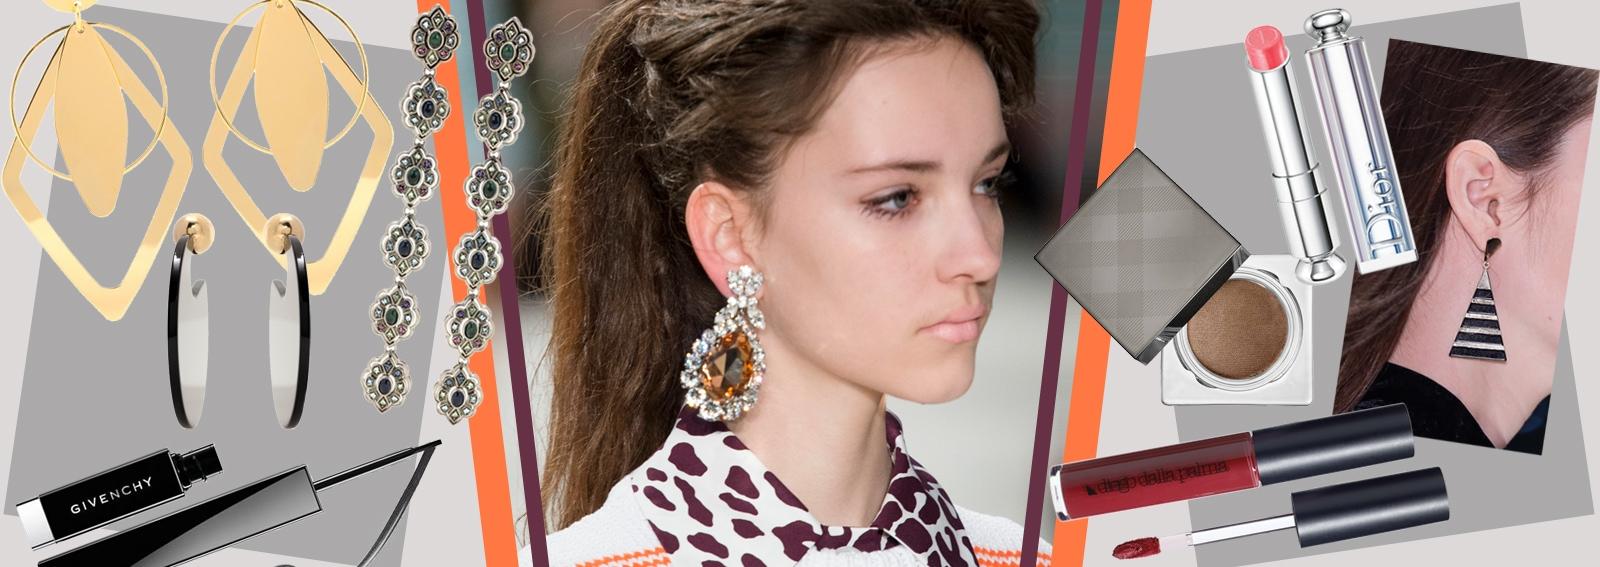 cover-orecchini-e-make-up-gli-desktop